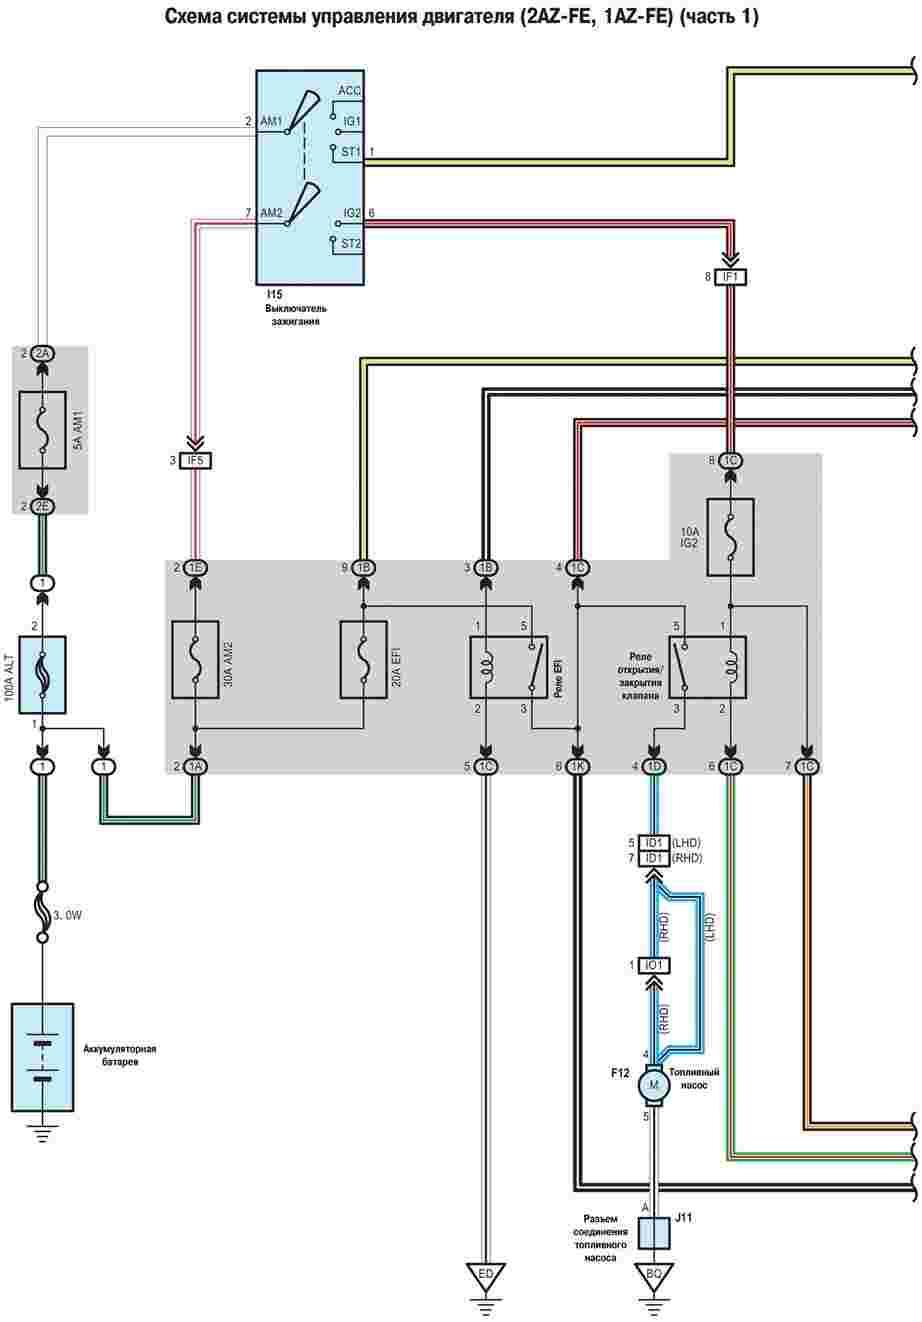 Структурная схема биполярного транзистора типа p-n-p